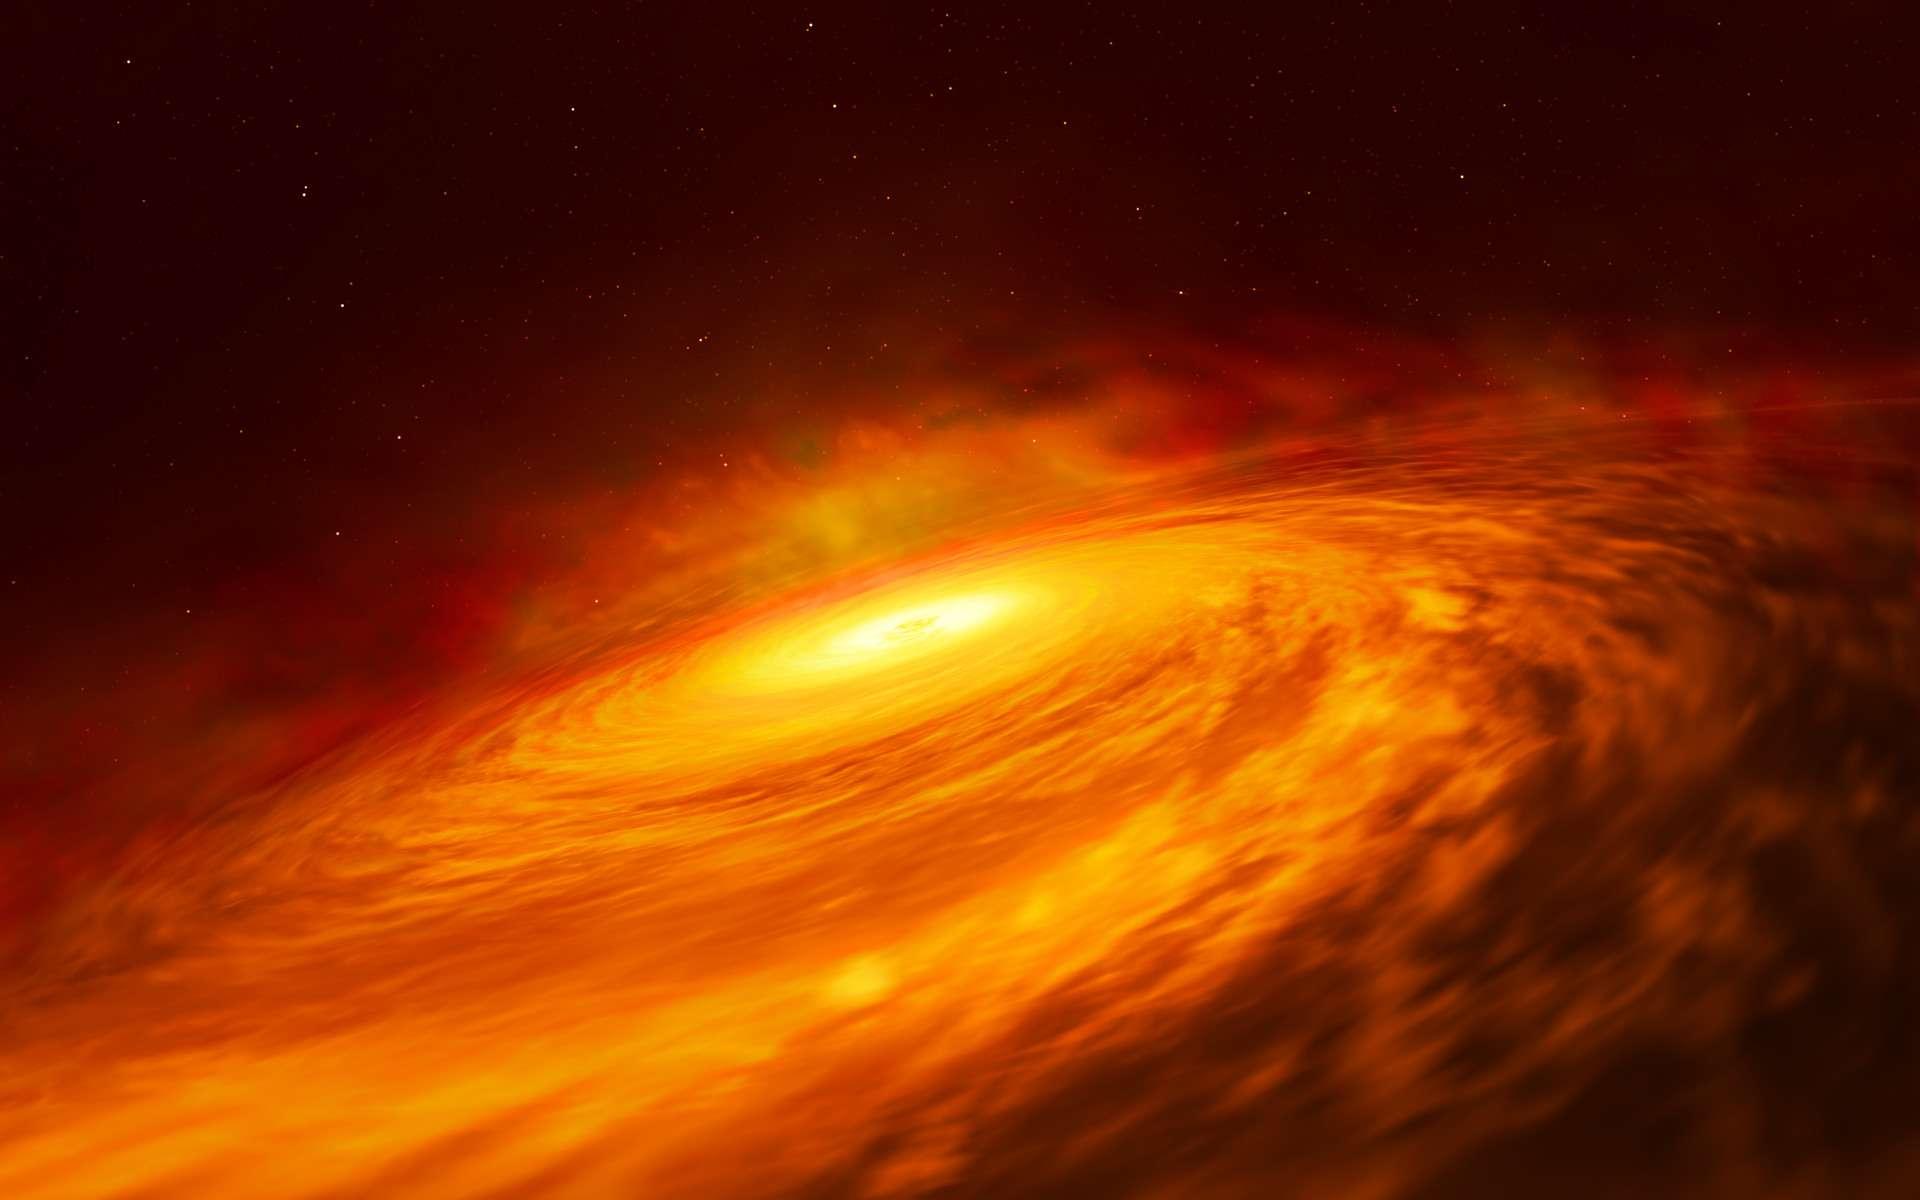 Une vue d'artiste d'un des trous noirs géants au centre d'une galaxie. On voit en l'occurrence son disque d'accrétion chauffé. © M. Kornmesser